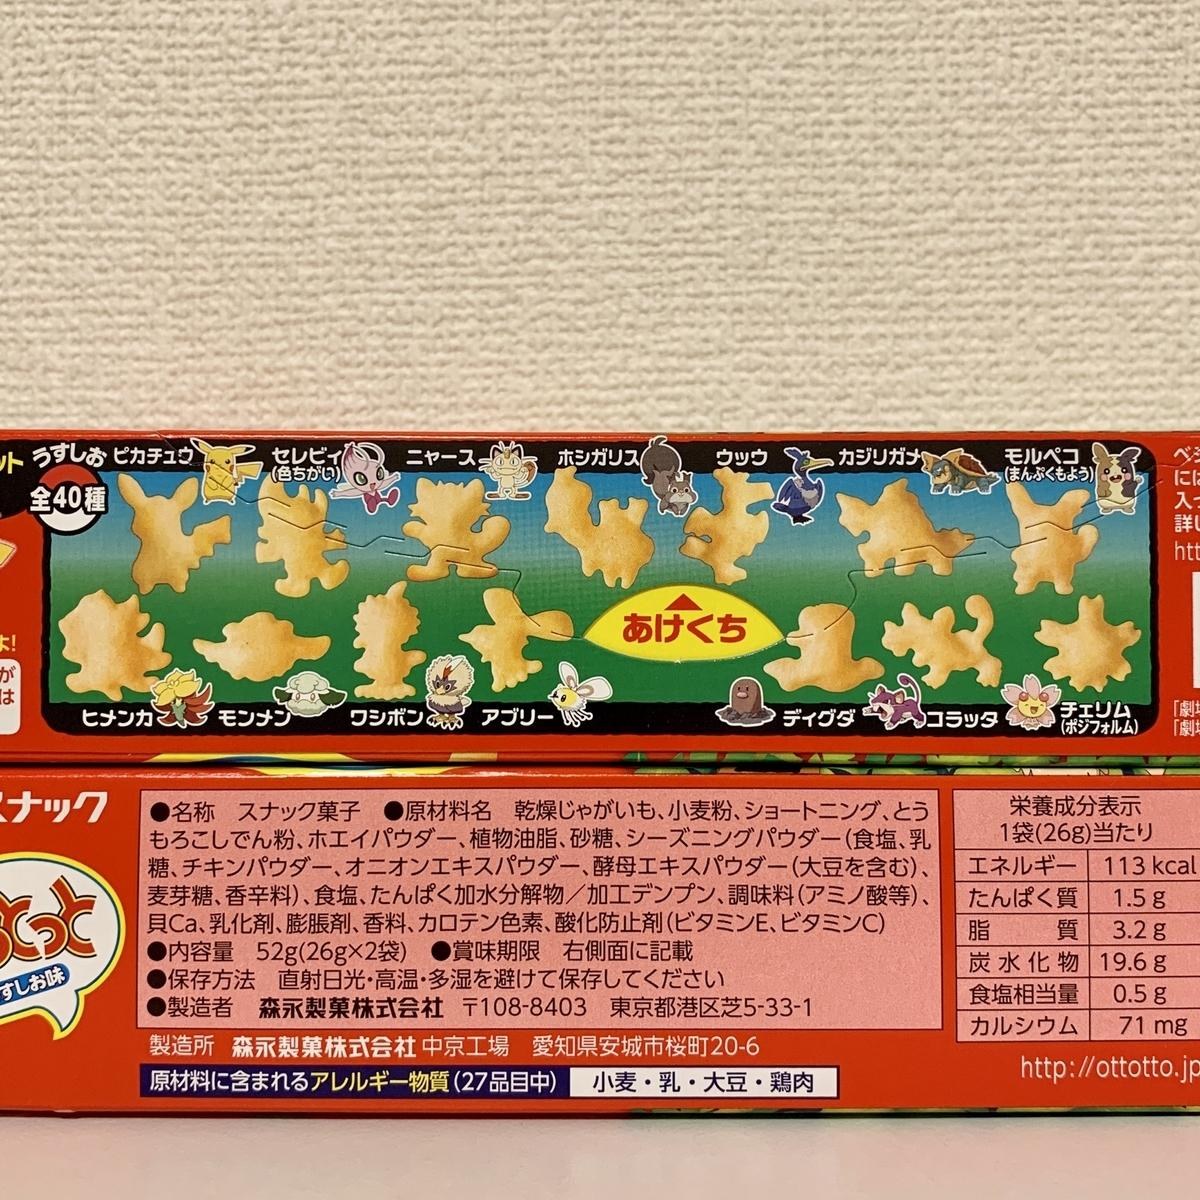 f:id:pikachu_pcn:20200630181643j:plain